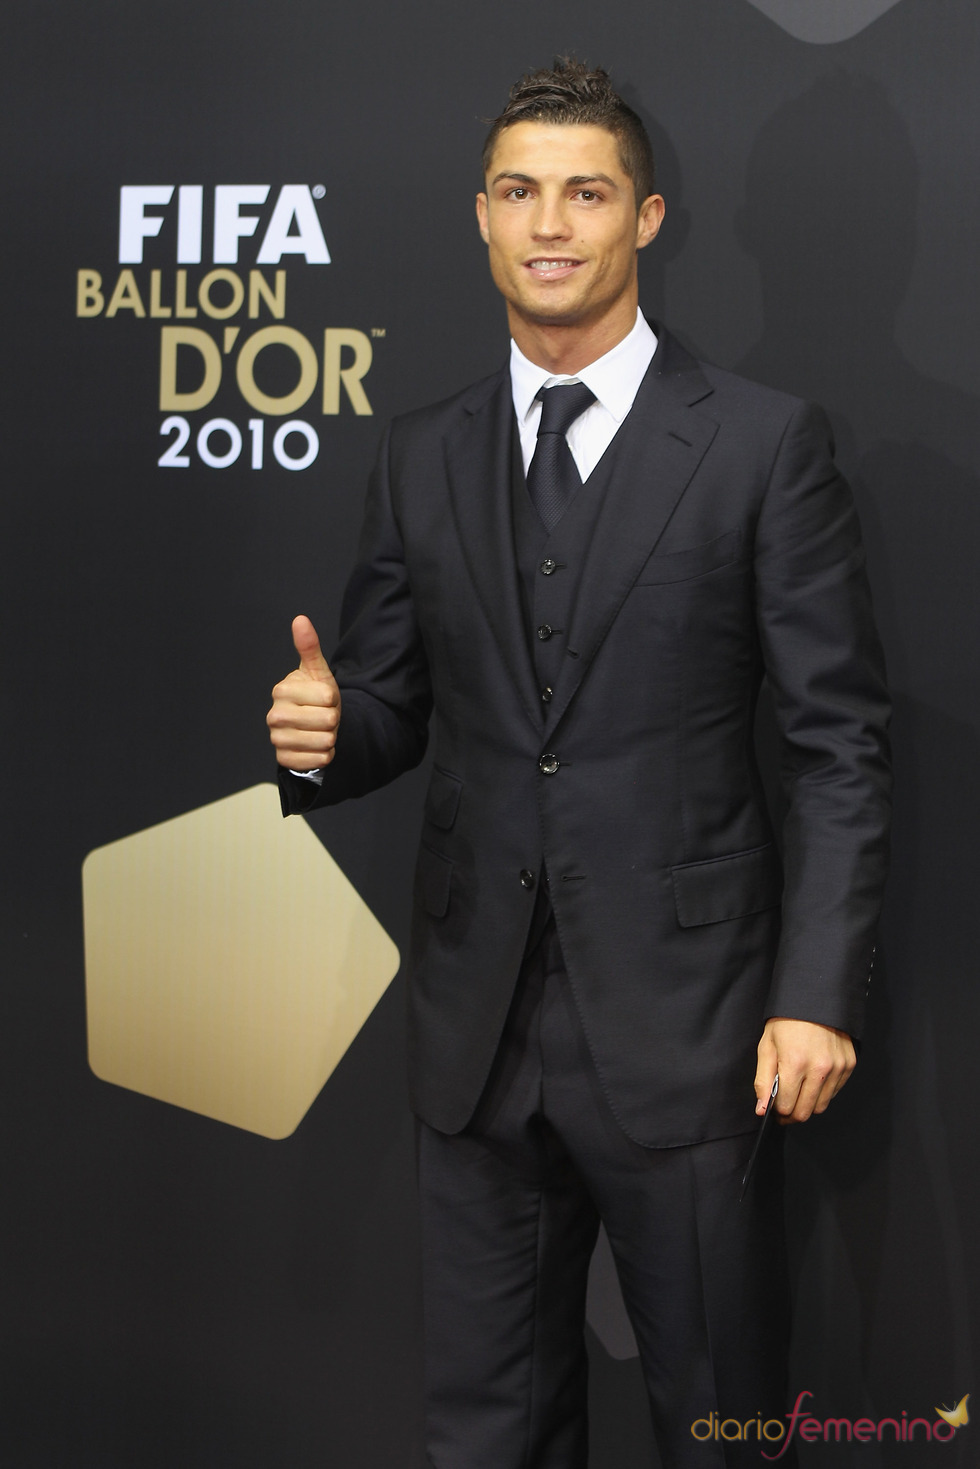 Cristiano Ronaldo en la gala FIFA Balón de Oro 2010